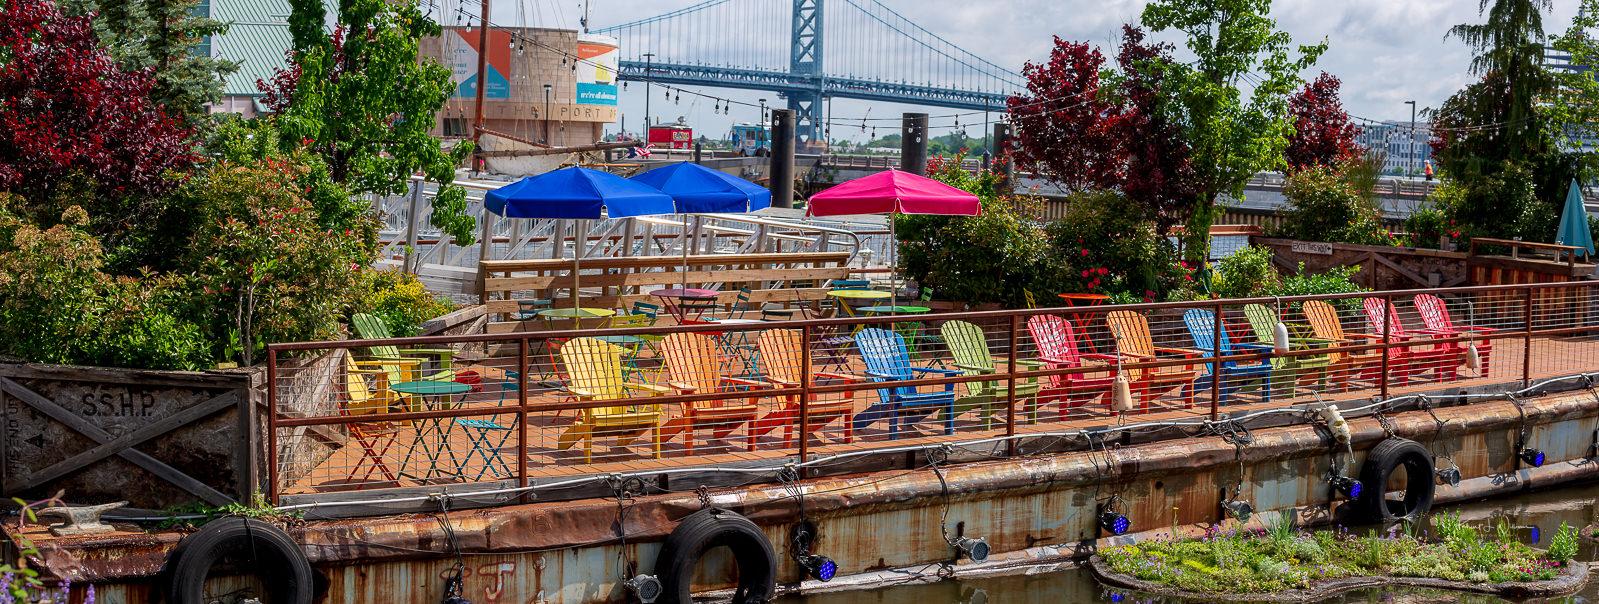 Oasis, Spruce Street Harbor Park, Penn's Landing, Philadelphia